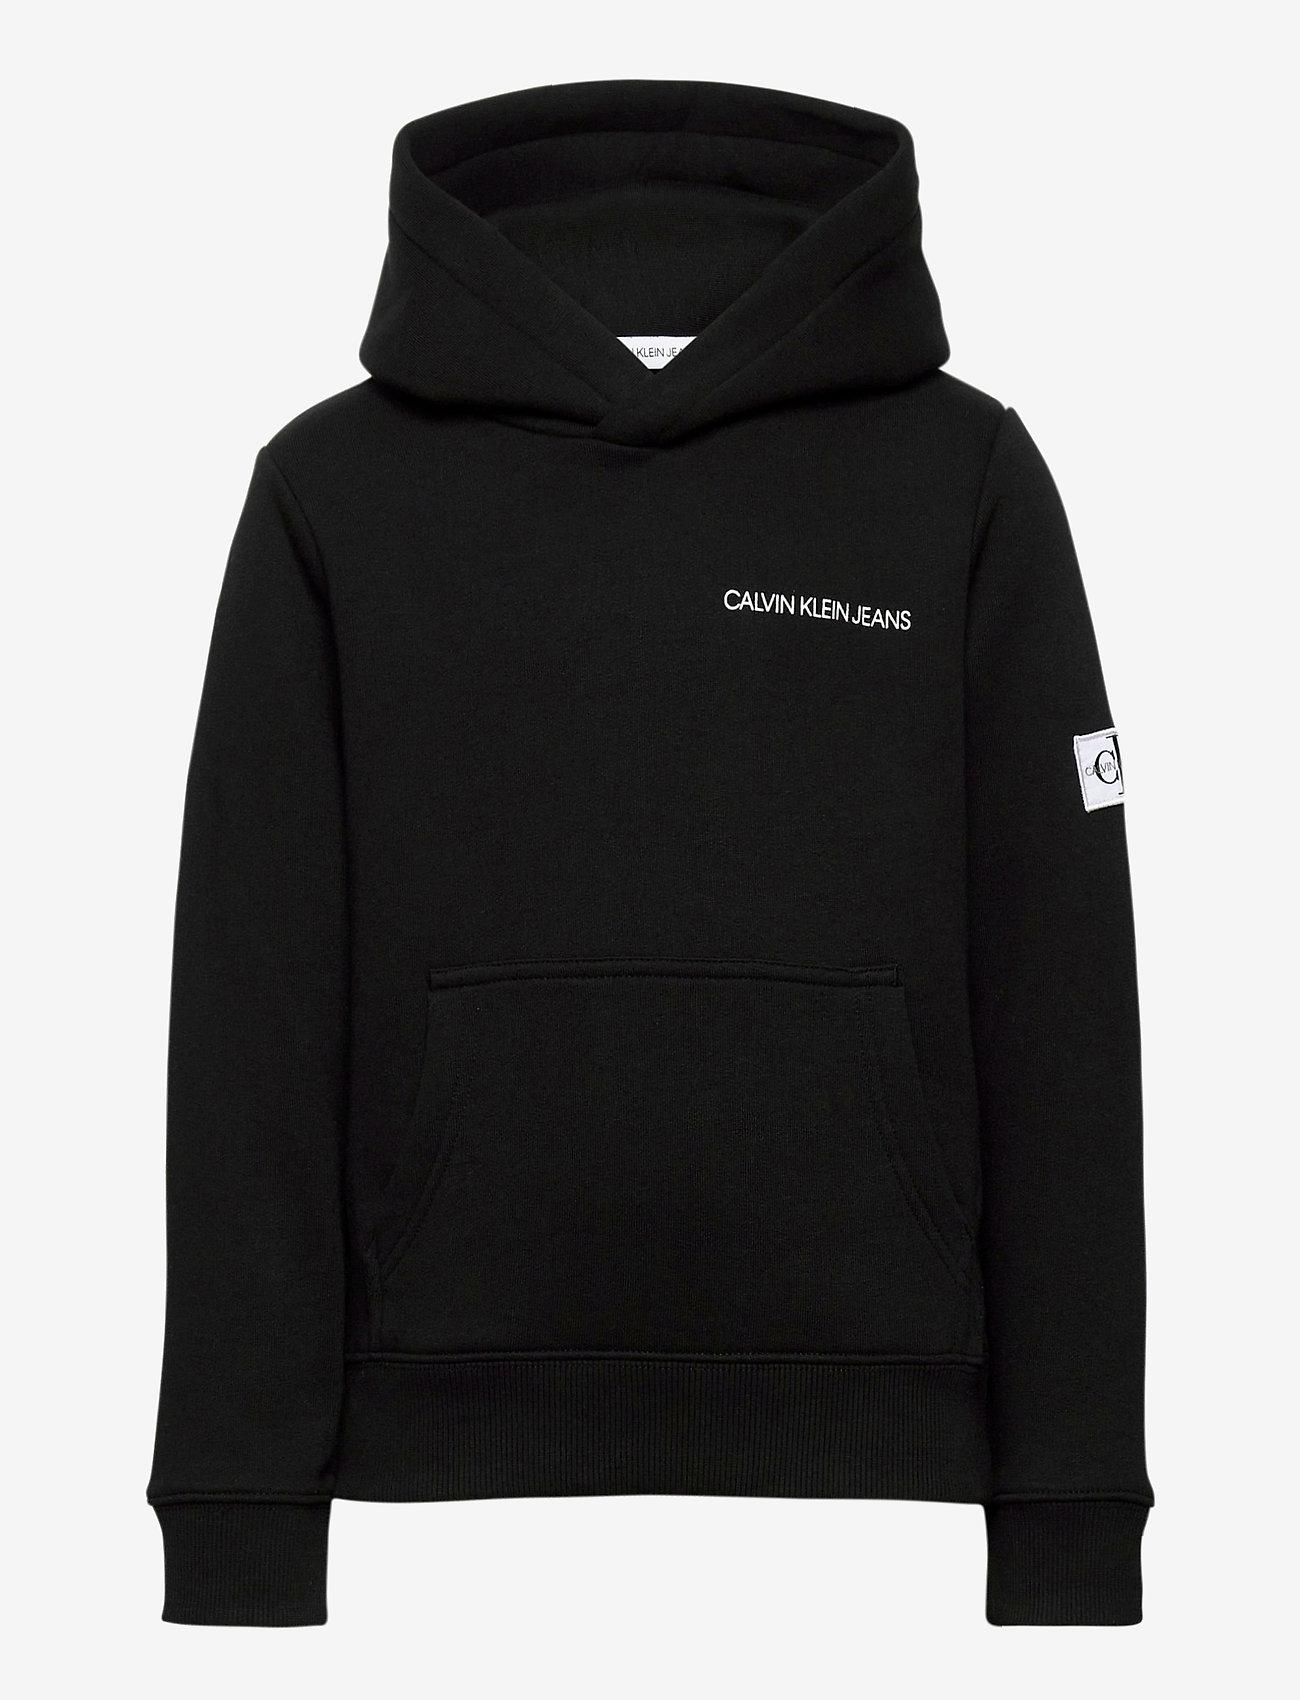 Calvin Klein - MONOGRAM SLEEVE HOODIE - hoodies - ck black - 0